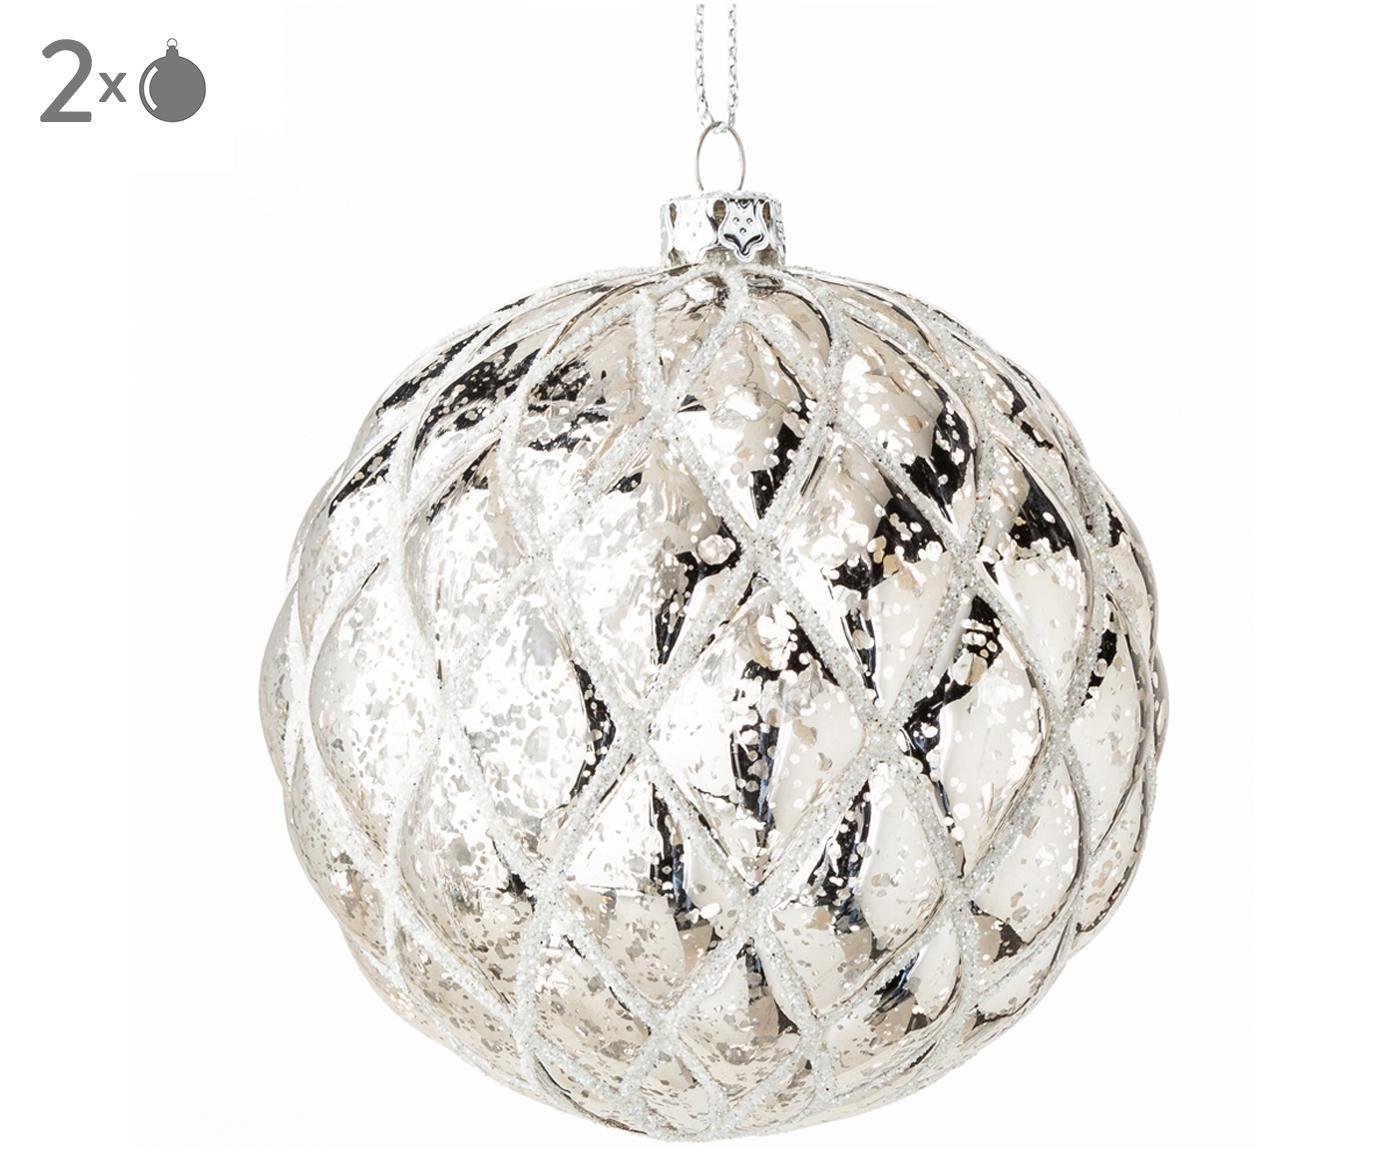 Kerstballen Dan, 2 stuks, Kunststof, Steengrijs, Ø 8 cm